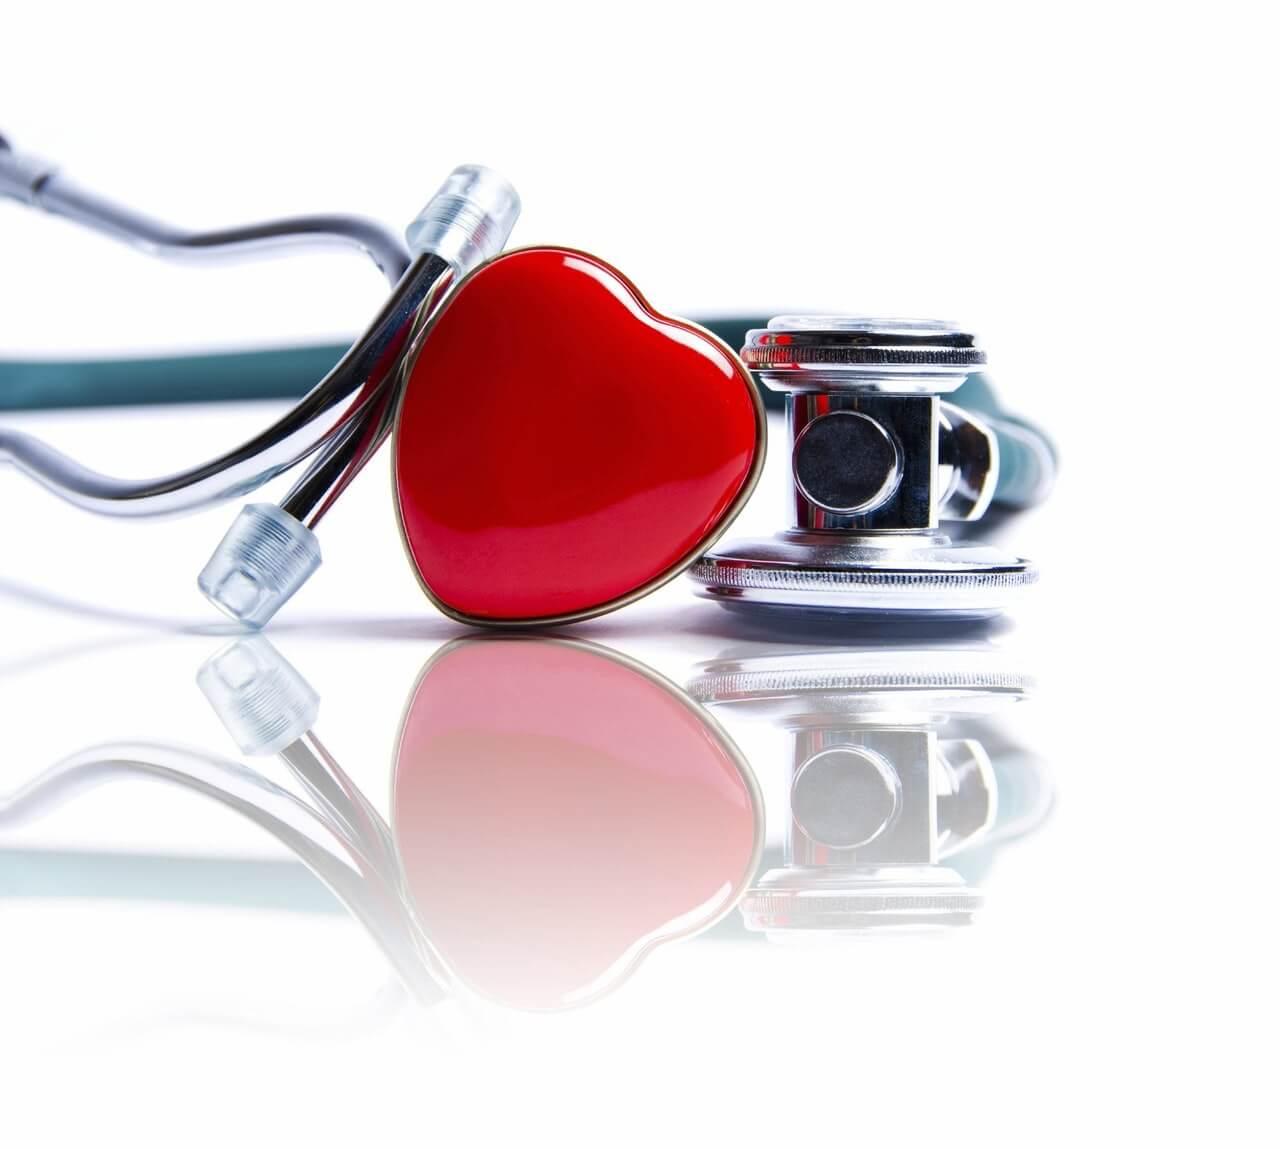 Riso rosso per il colesterolo: fa davvero bene?